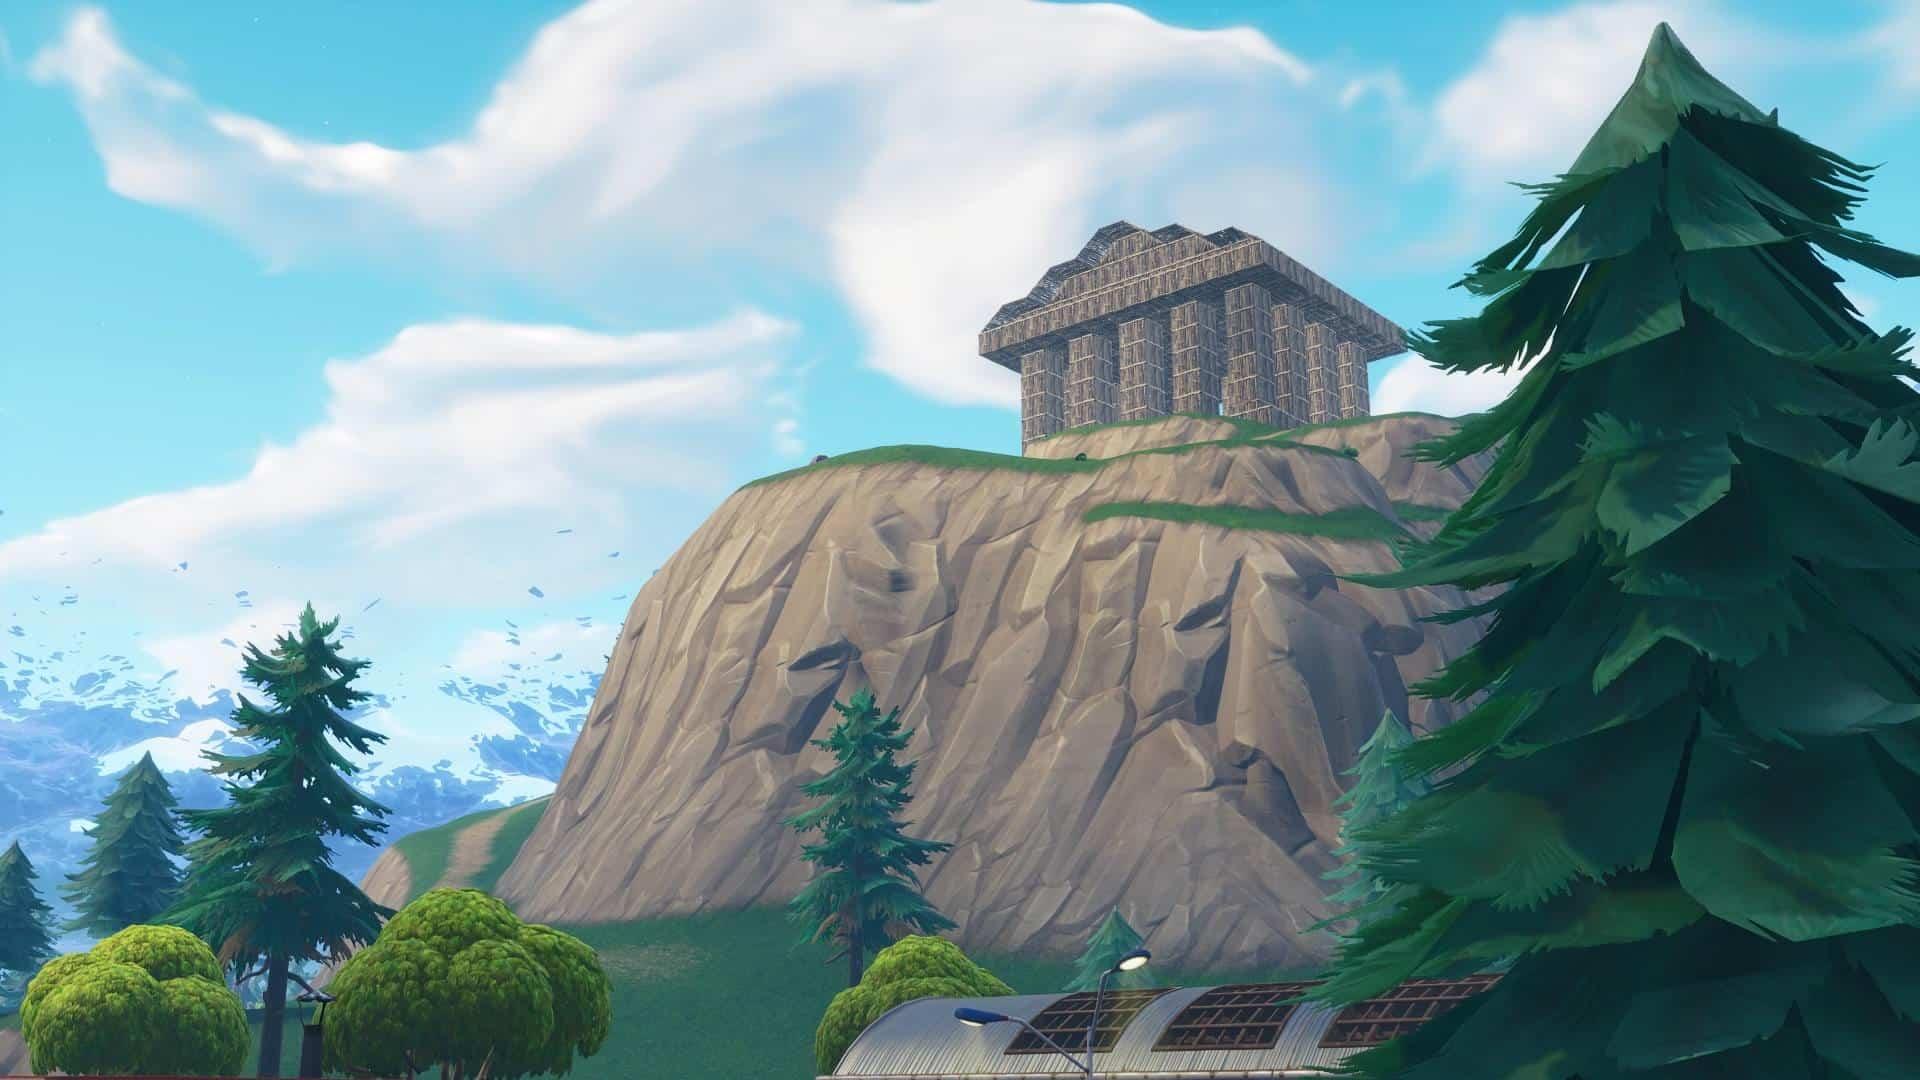 Monte Olimpo, o que é? 12 deuses que frequentavam o palácio